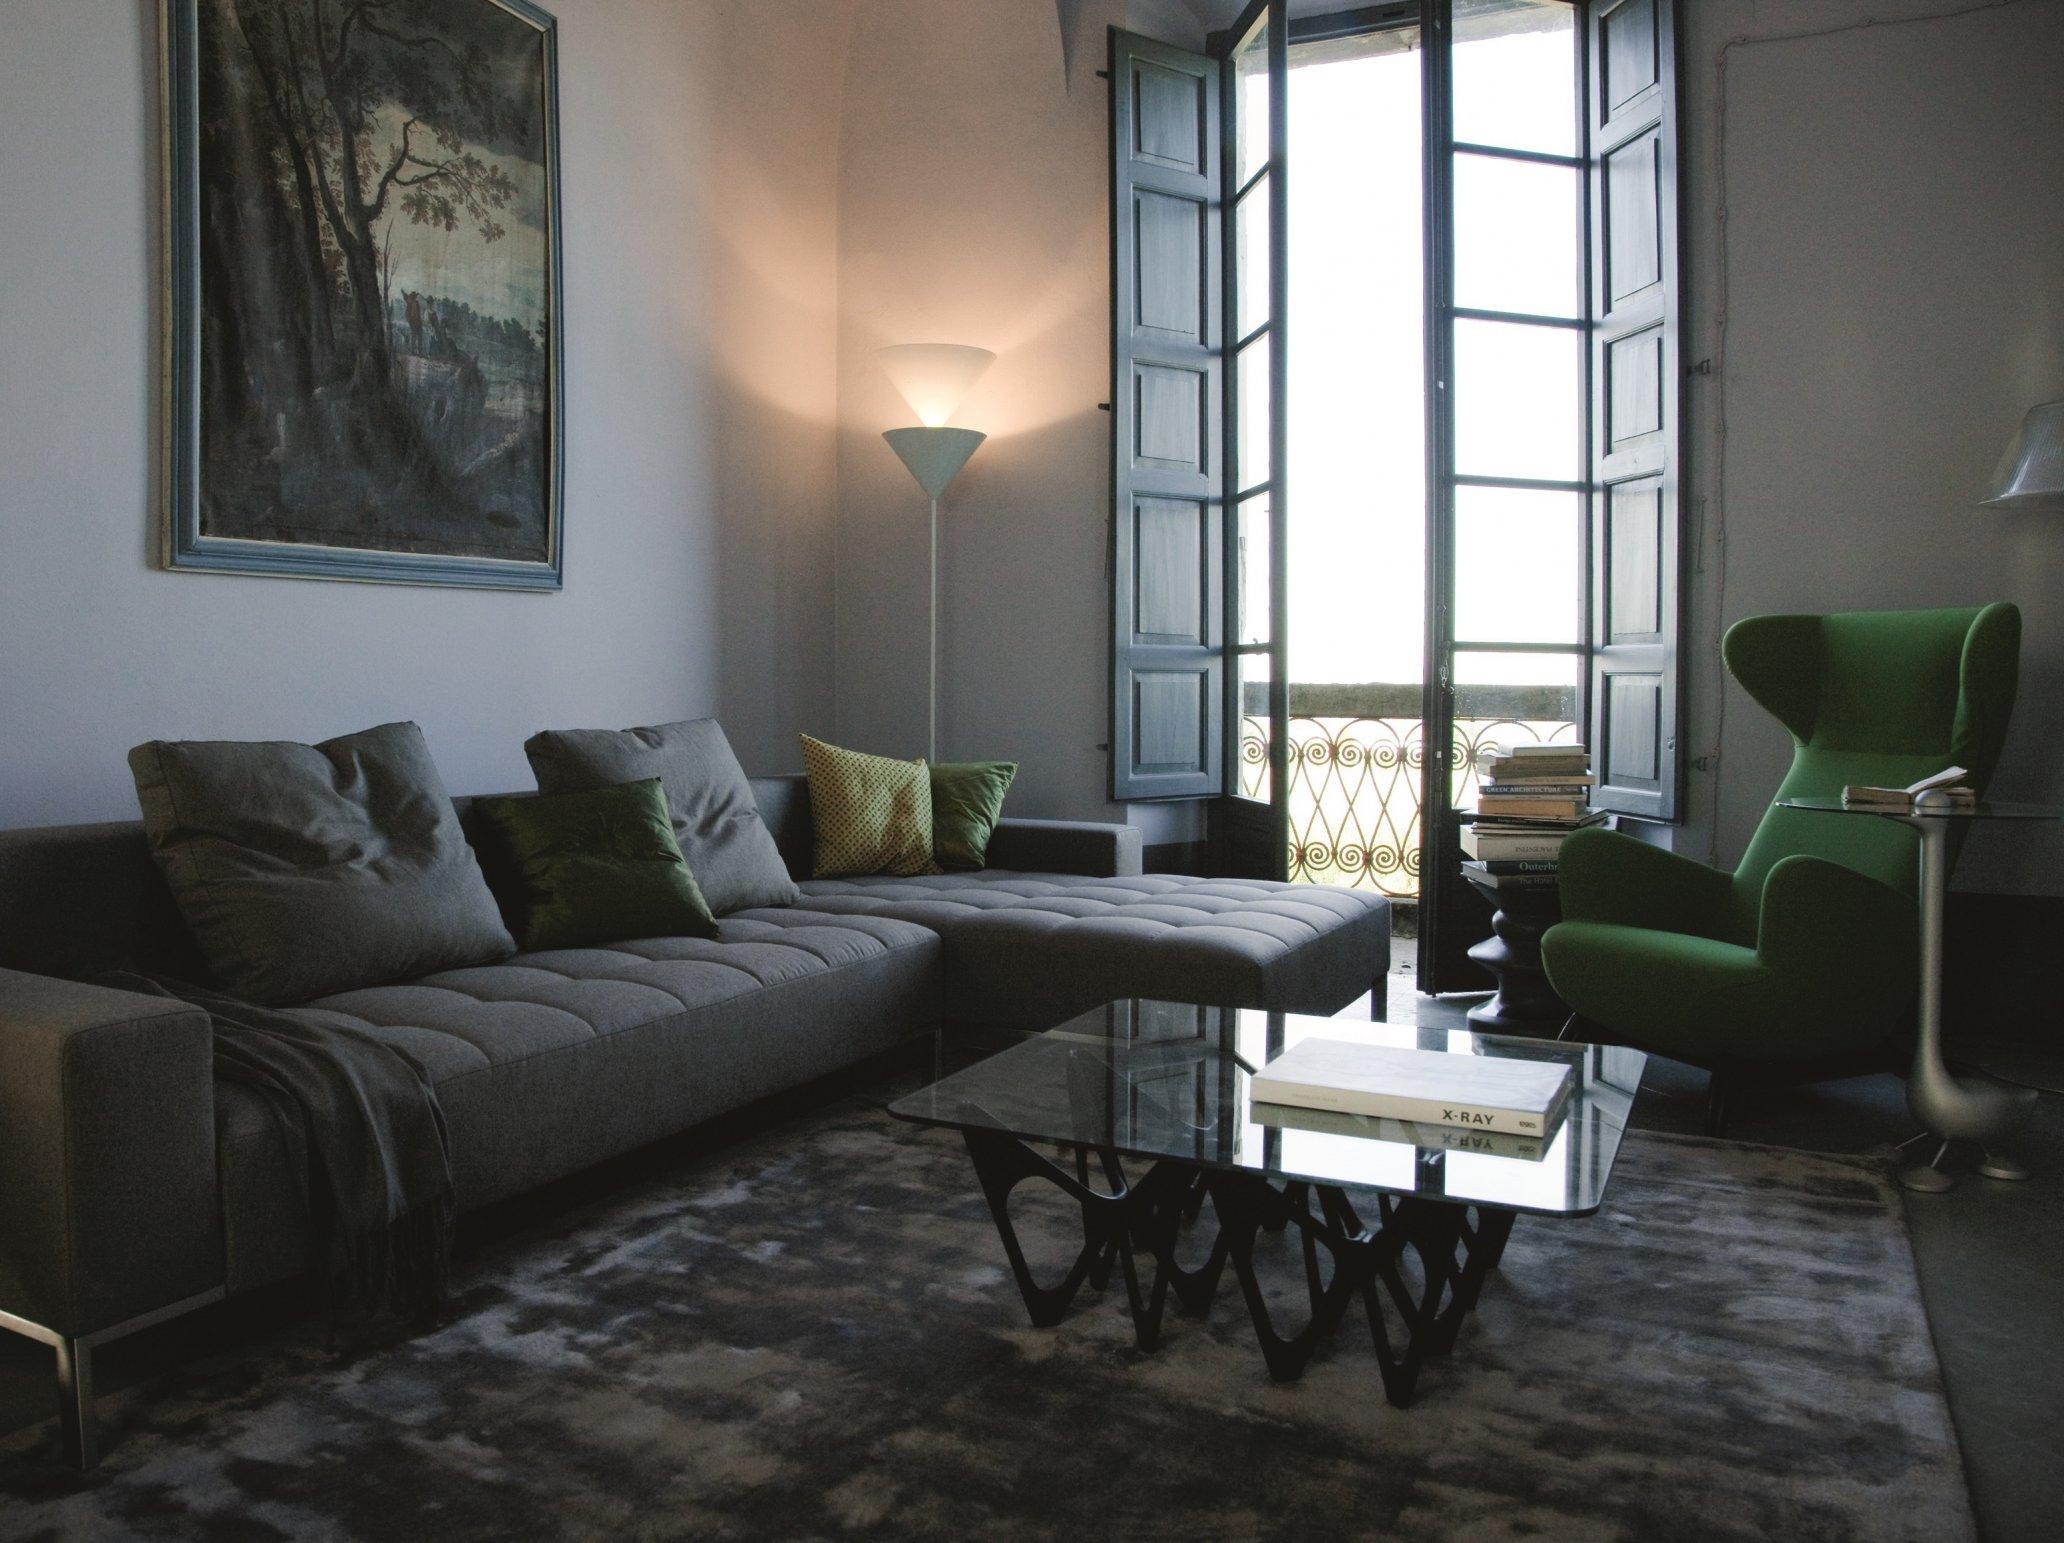 Lichtplanung Zuhause Deckenstrahler